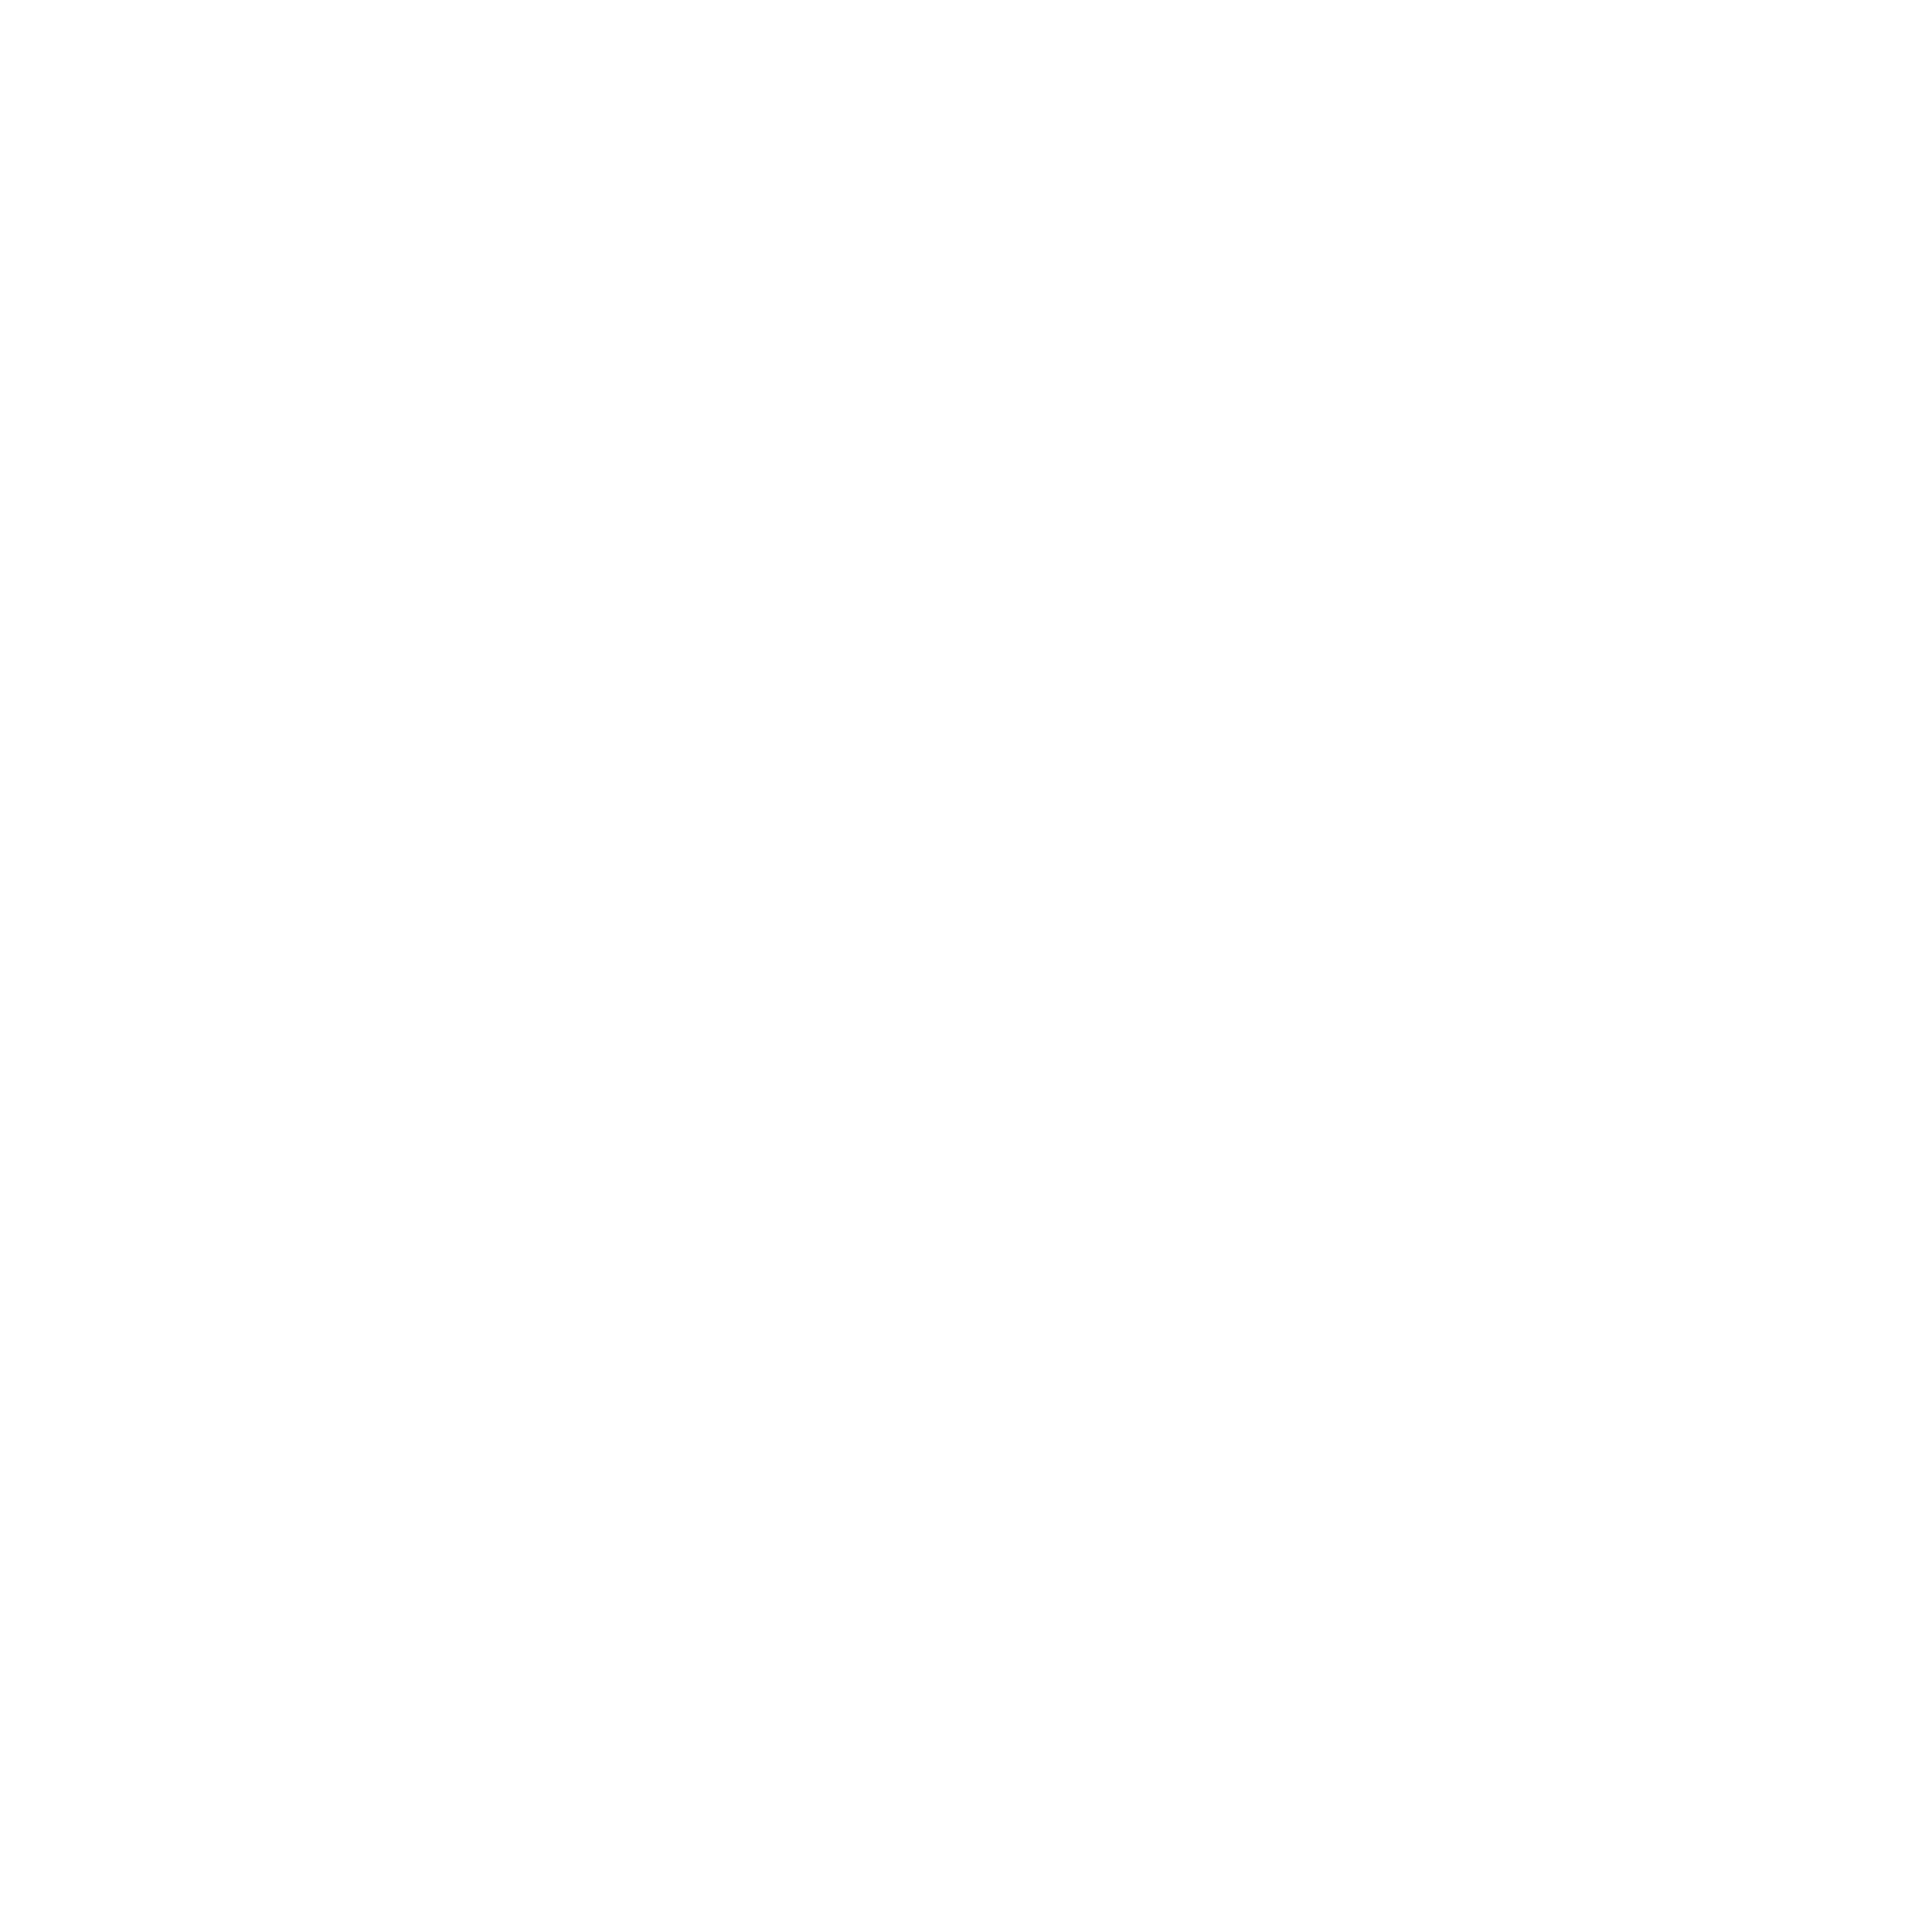 g_circle_white